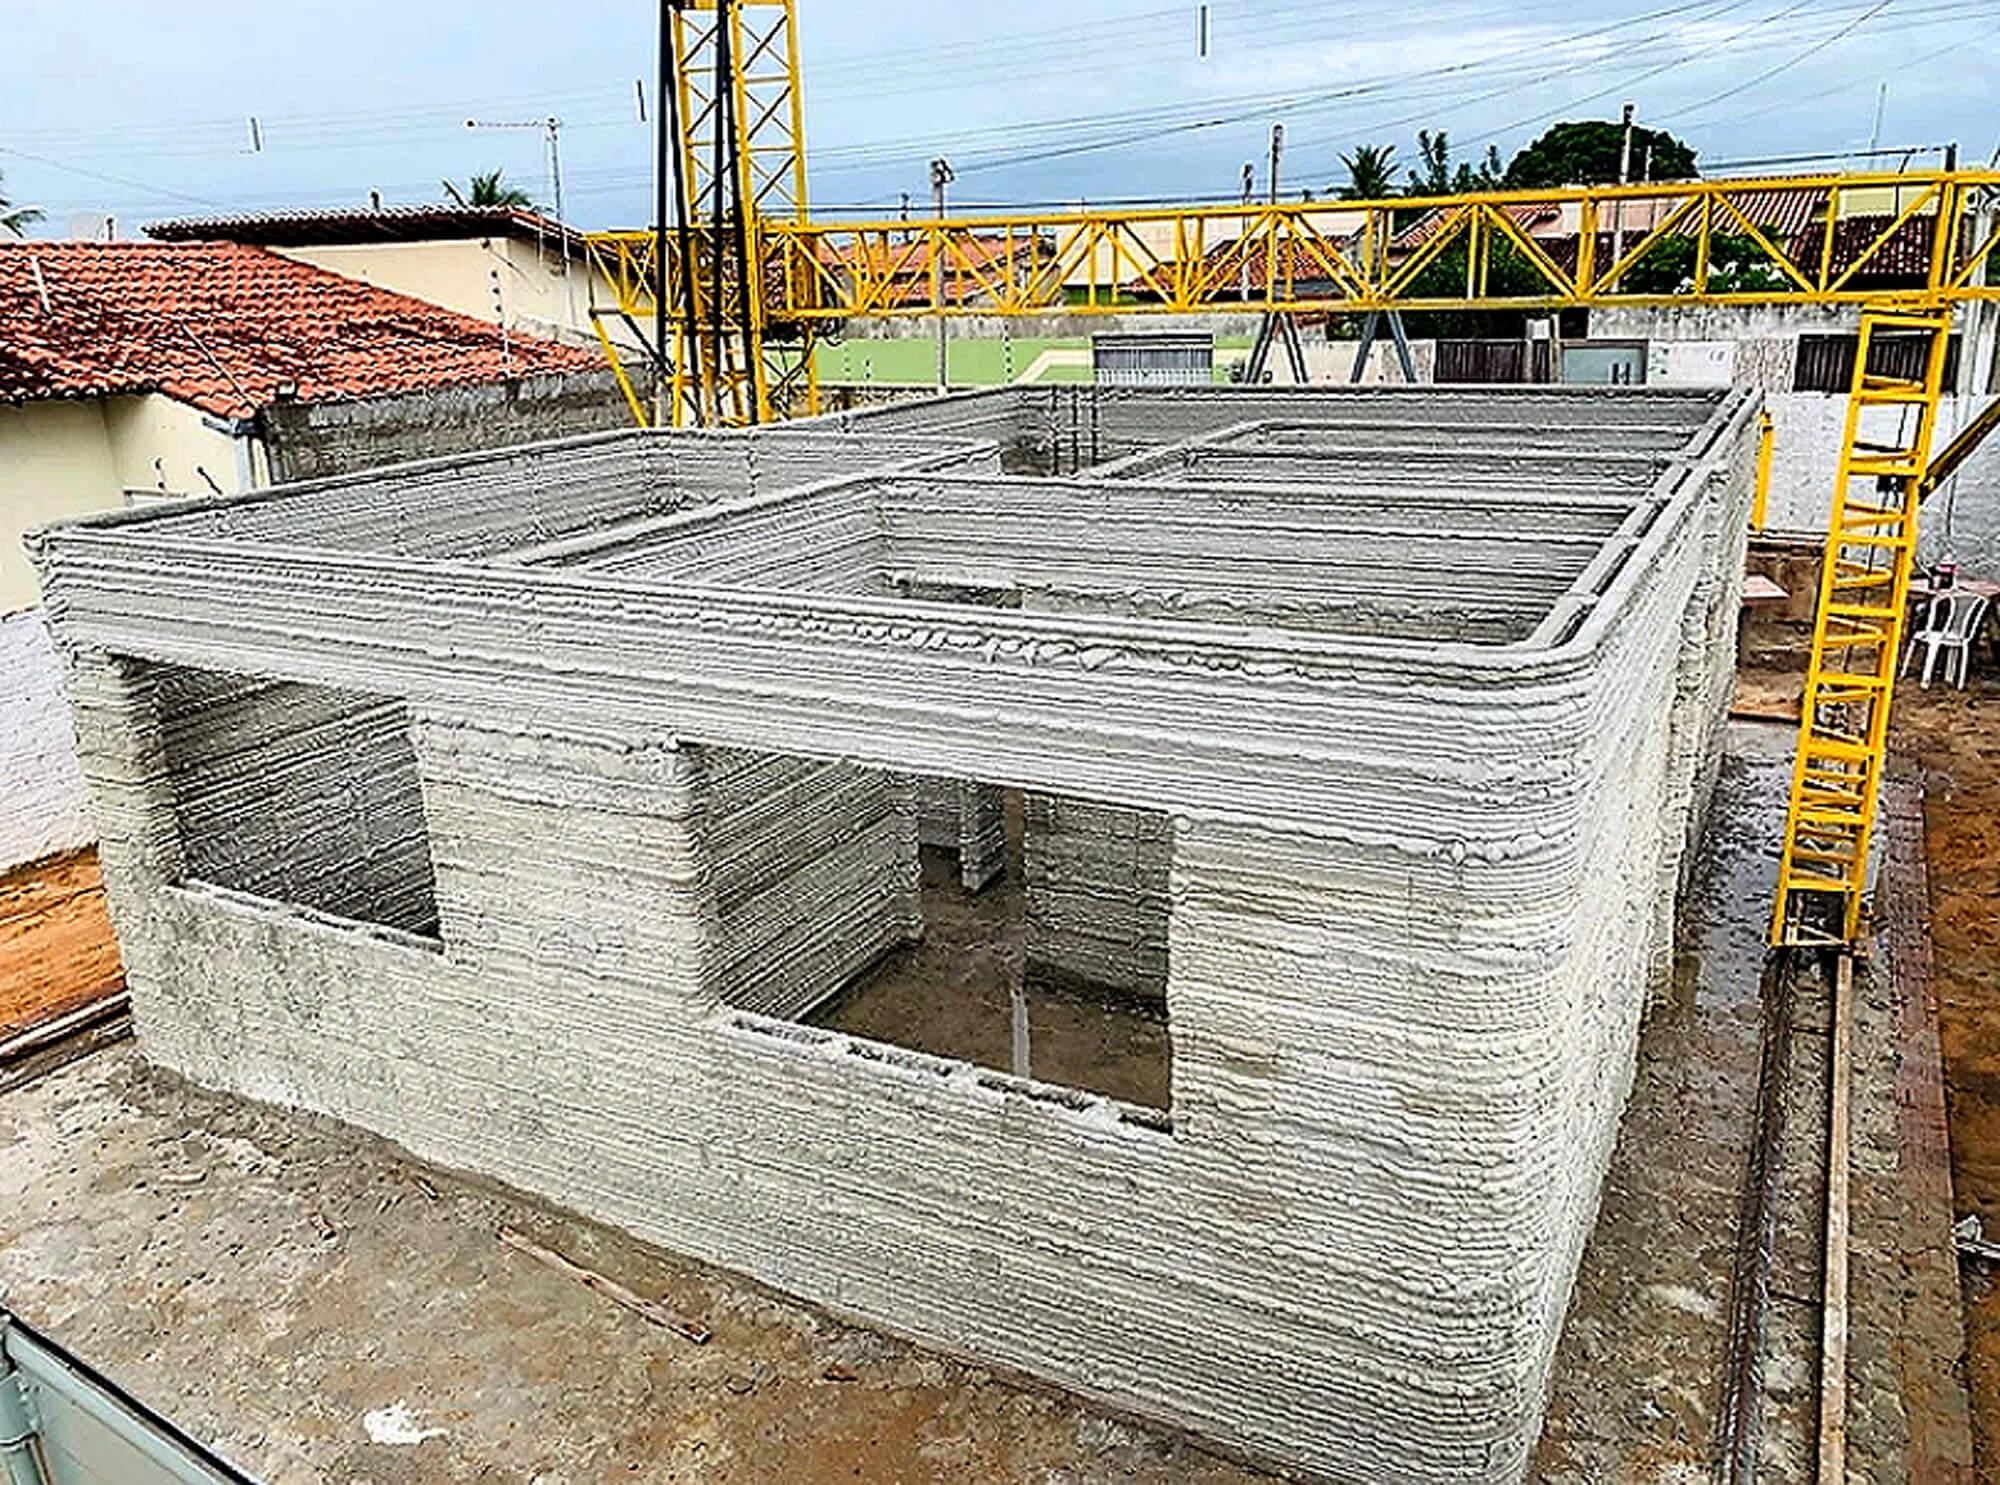 Estrutura da casa foi construída ao longo de 7 meses, mas pesquisadores trabalham para replicar modelo em 24 horas Crédito: 3DHomeConstruction